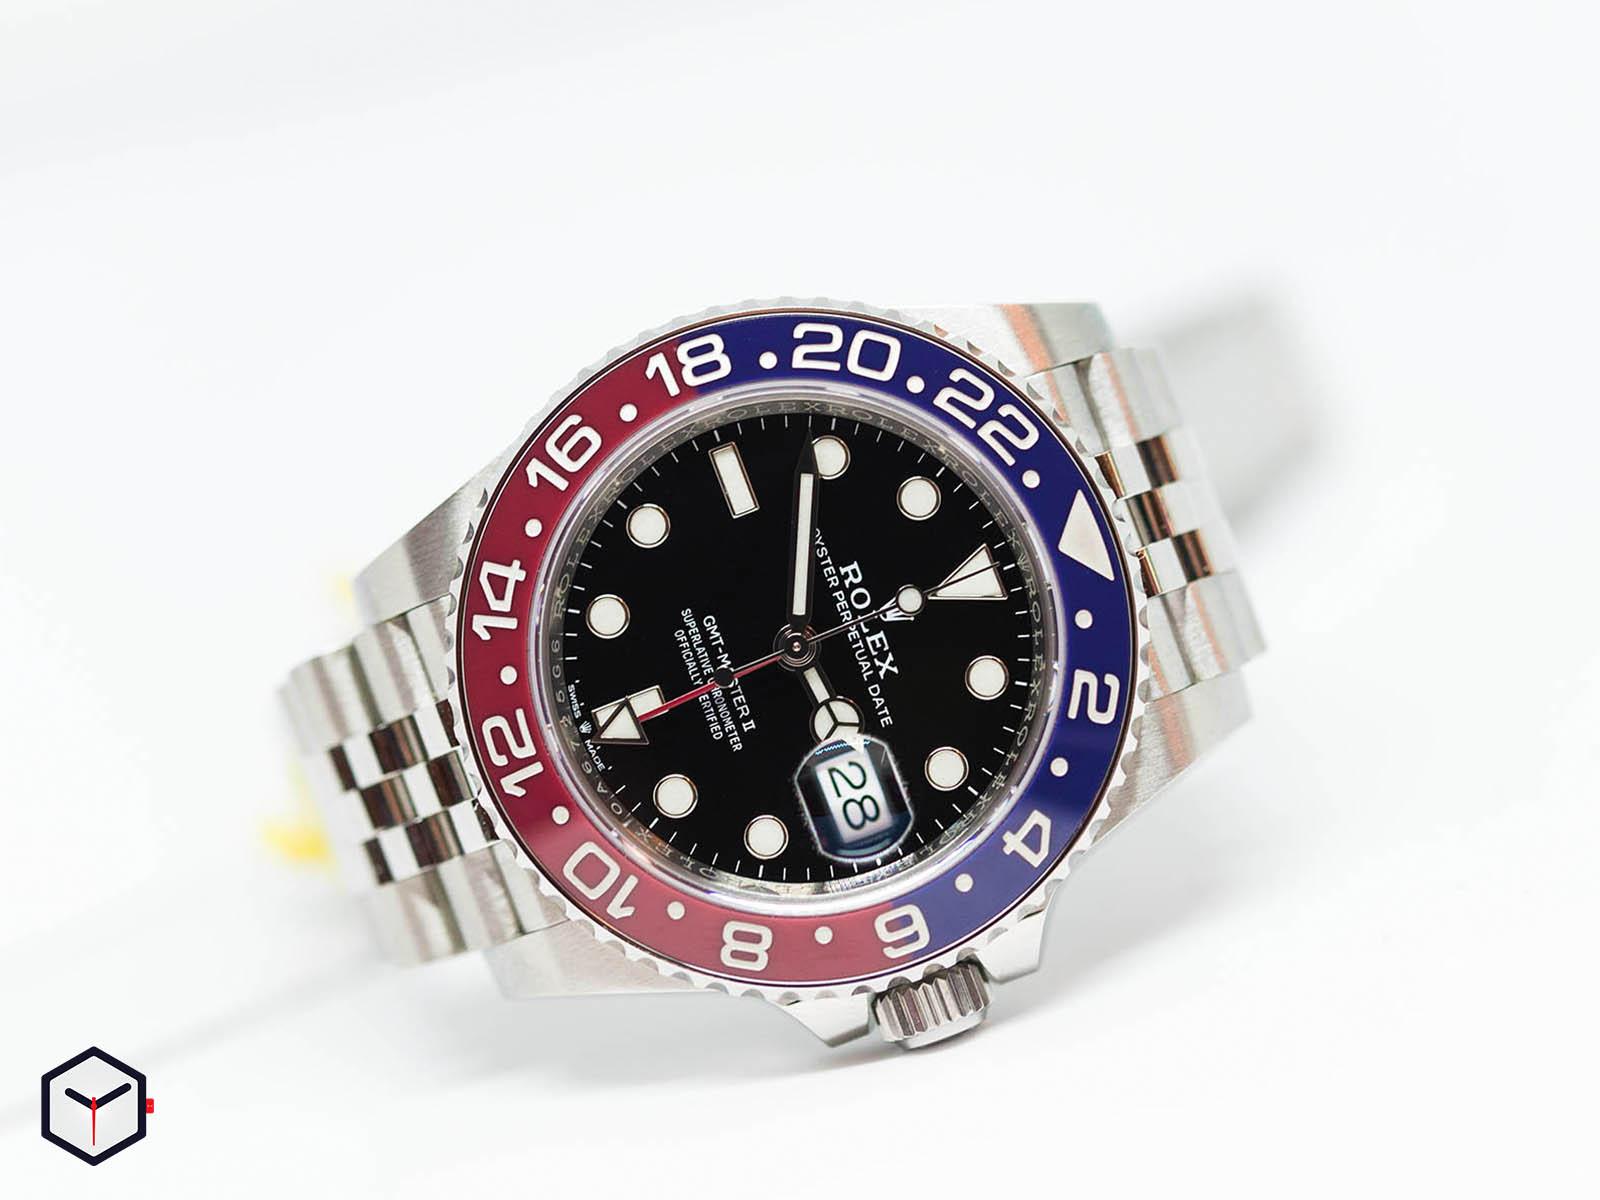 popular-watches-4.jpg